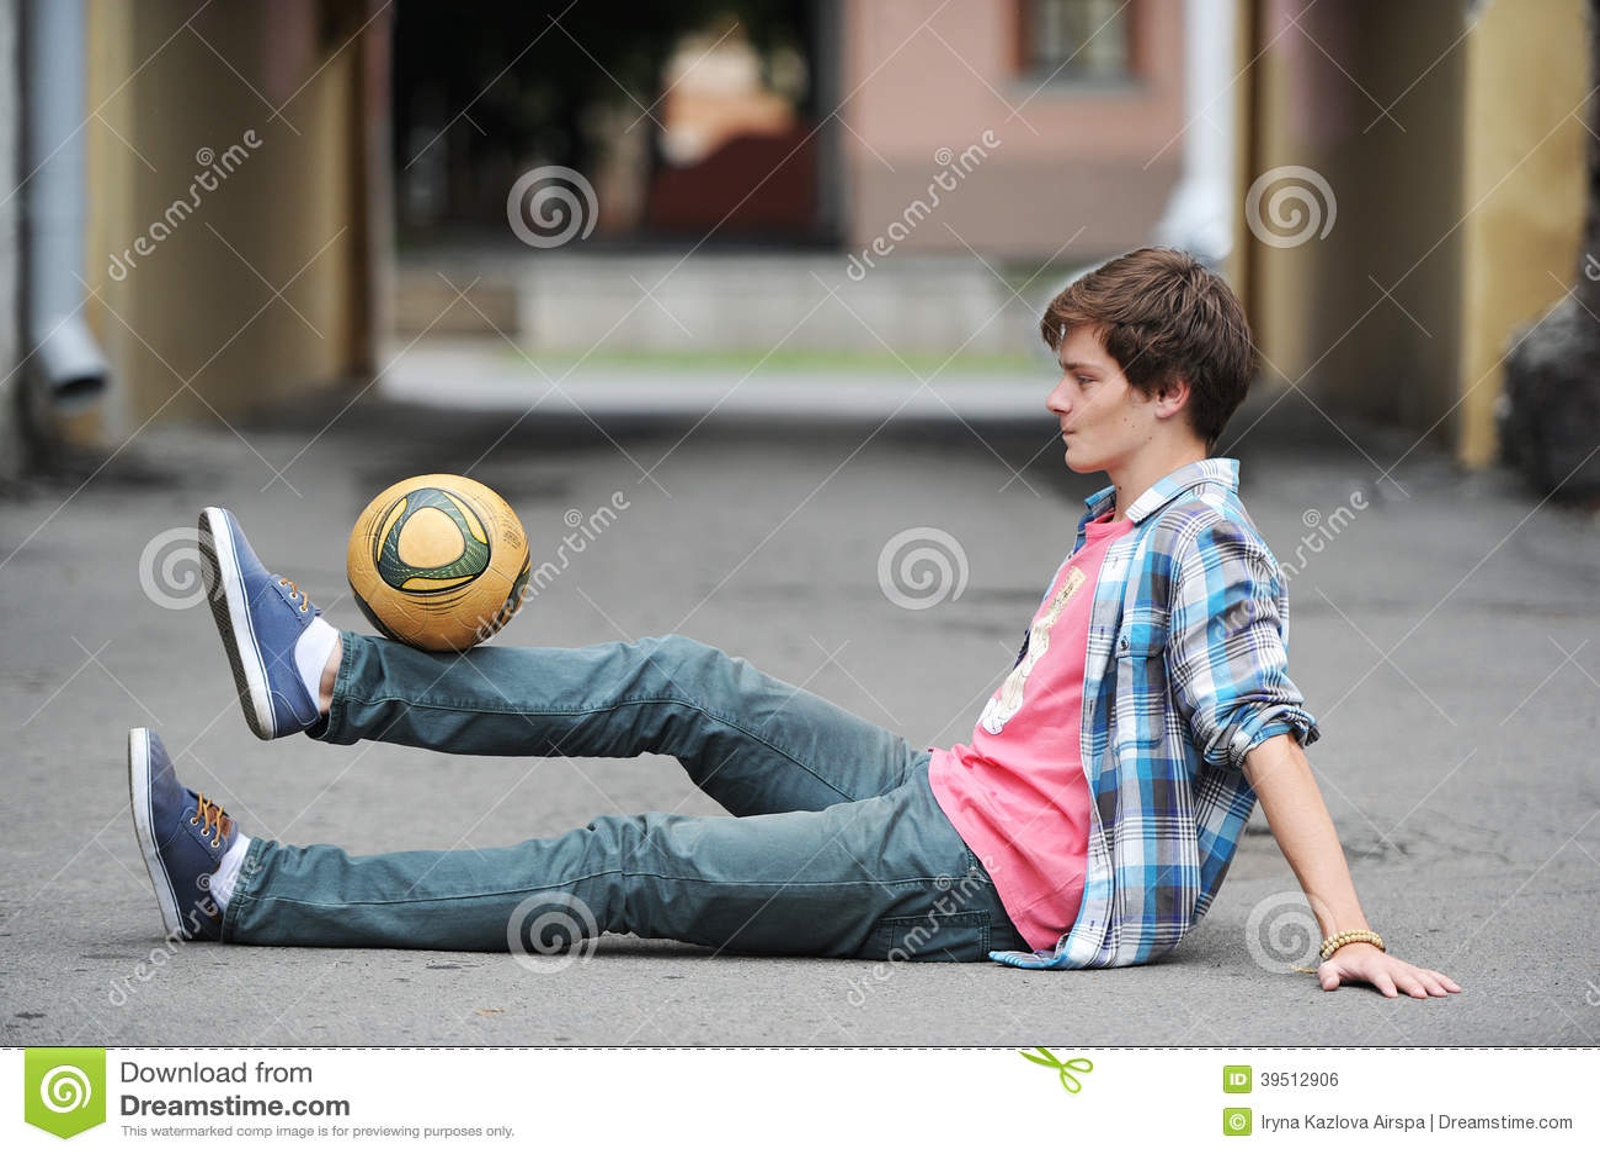 Estilo livre do futebol